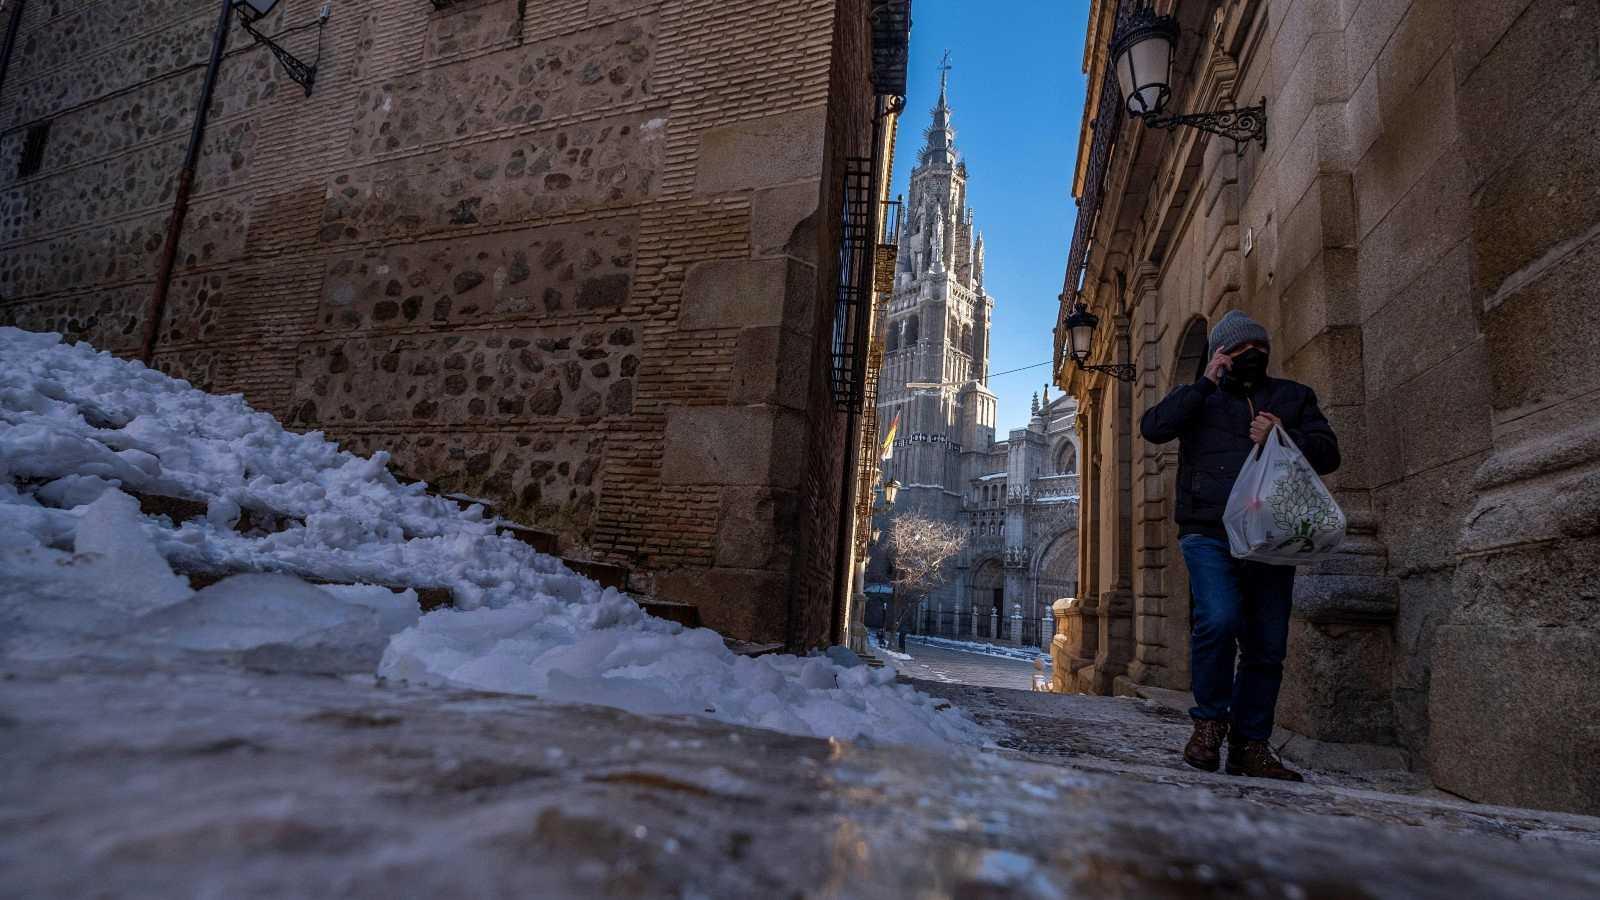 Un hombre camina junto al hielo formado en las calles de Toledo donde este martes se han registrado -10 grados bajo cero